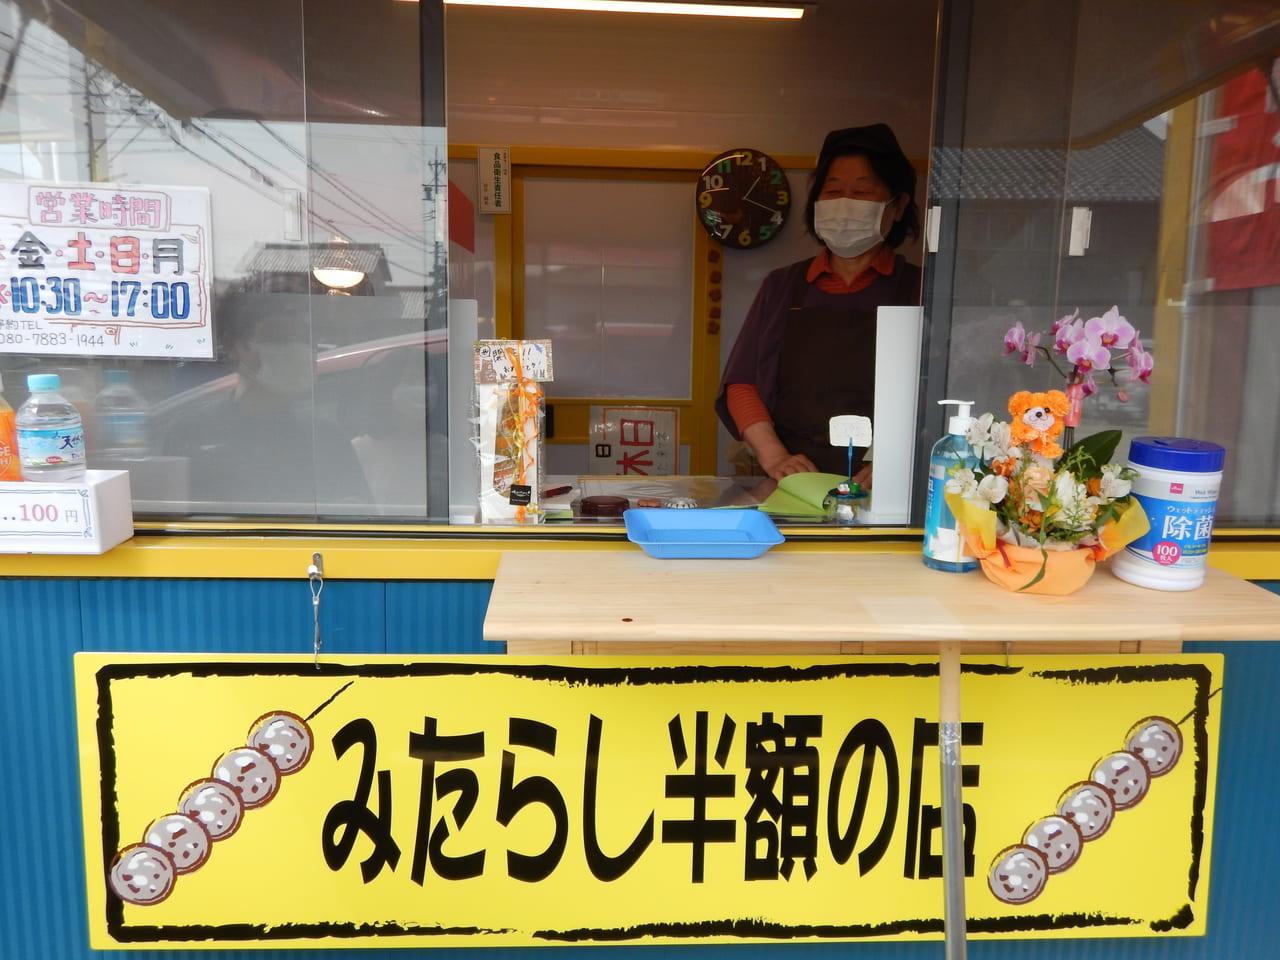 だんごやあんちゃんのお団子 五王製菓 五王木曽川店のお団子売り場